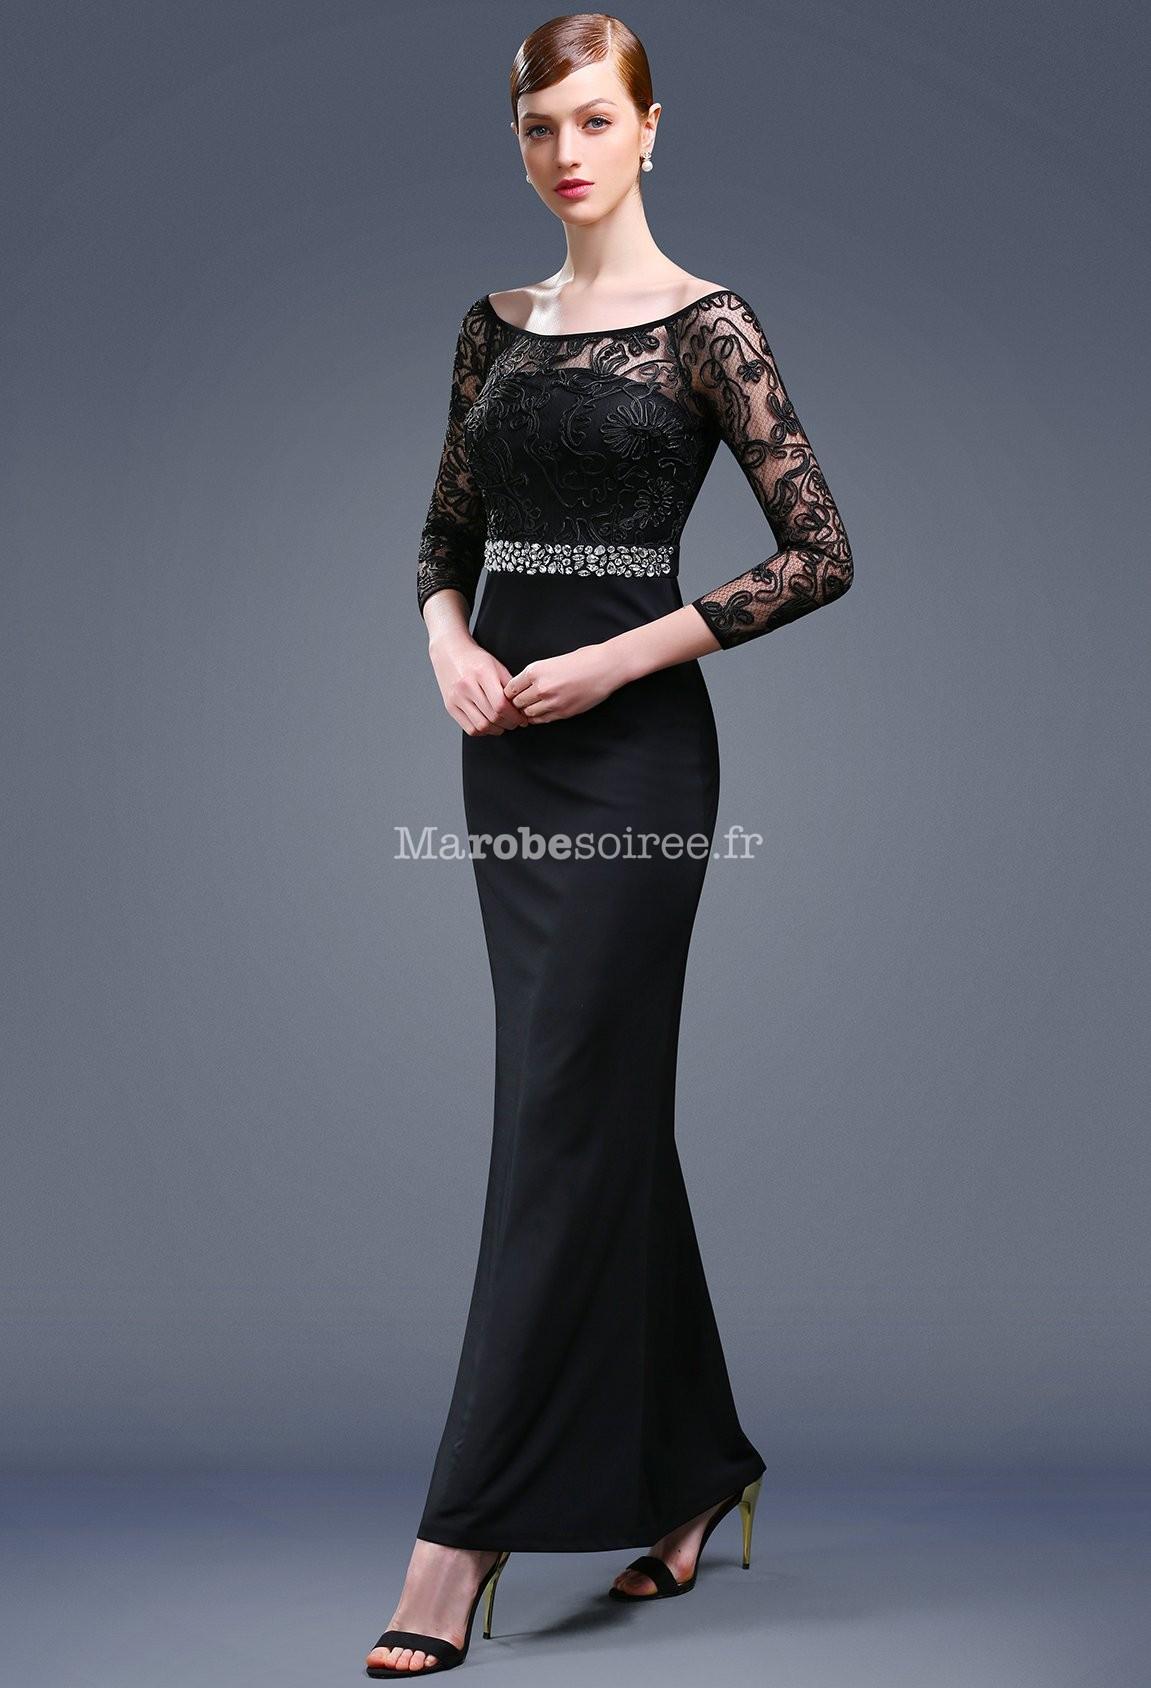 robe de soir e longue noire manches longues. Black Bedroom Furniture Sets. Home Design Ideas